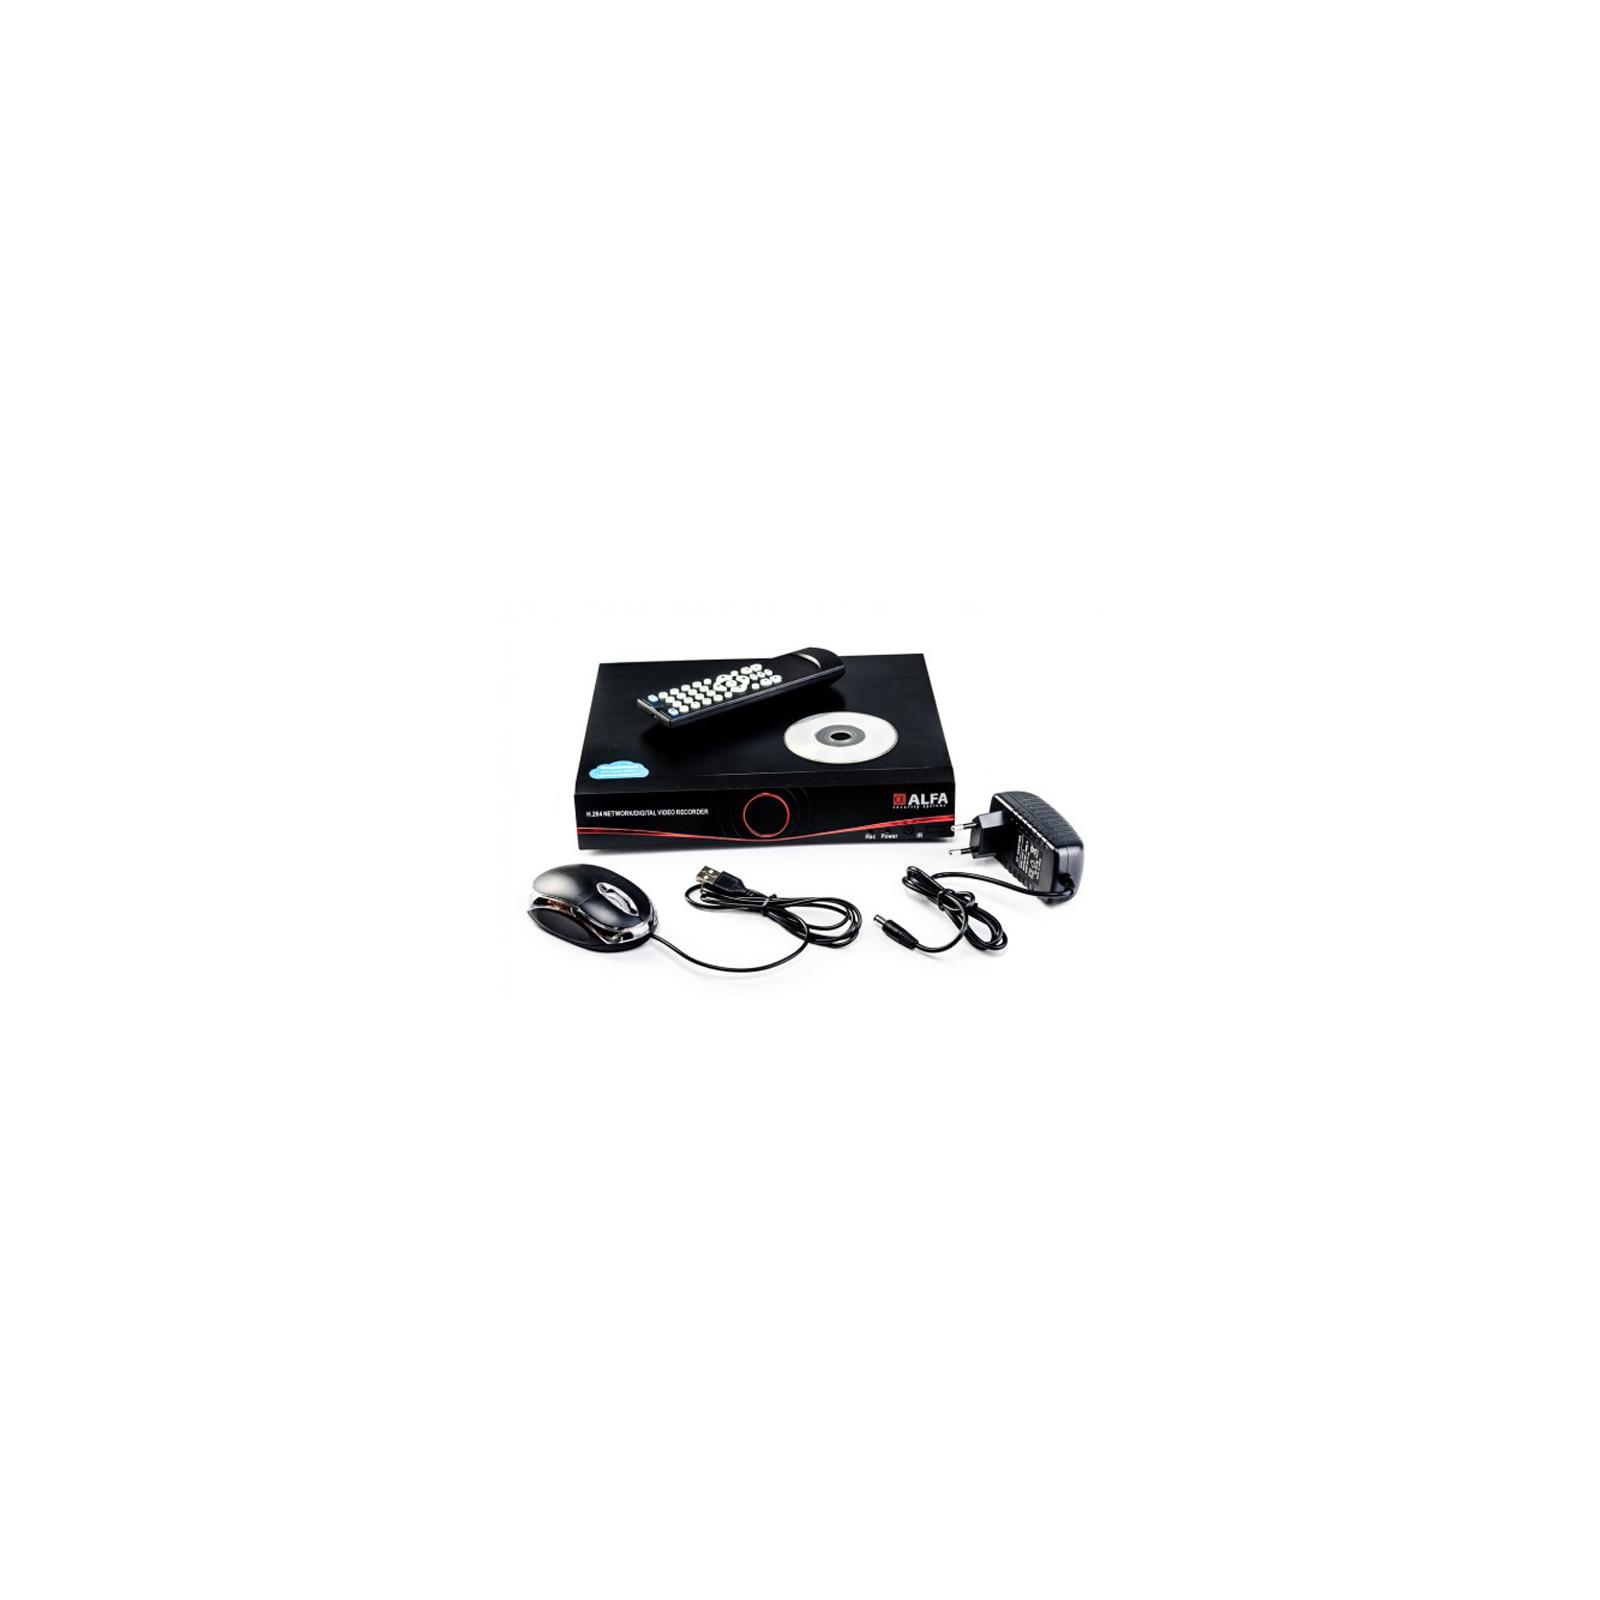 Регистратор для видеонаблюдения ALFA D6304S изображение 2